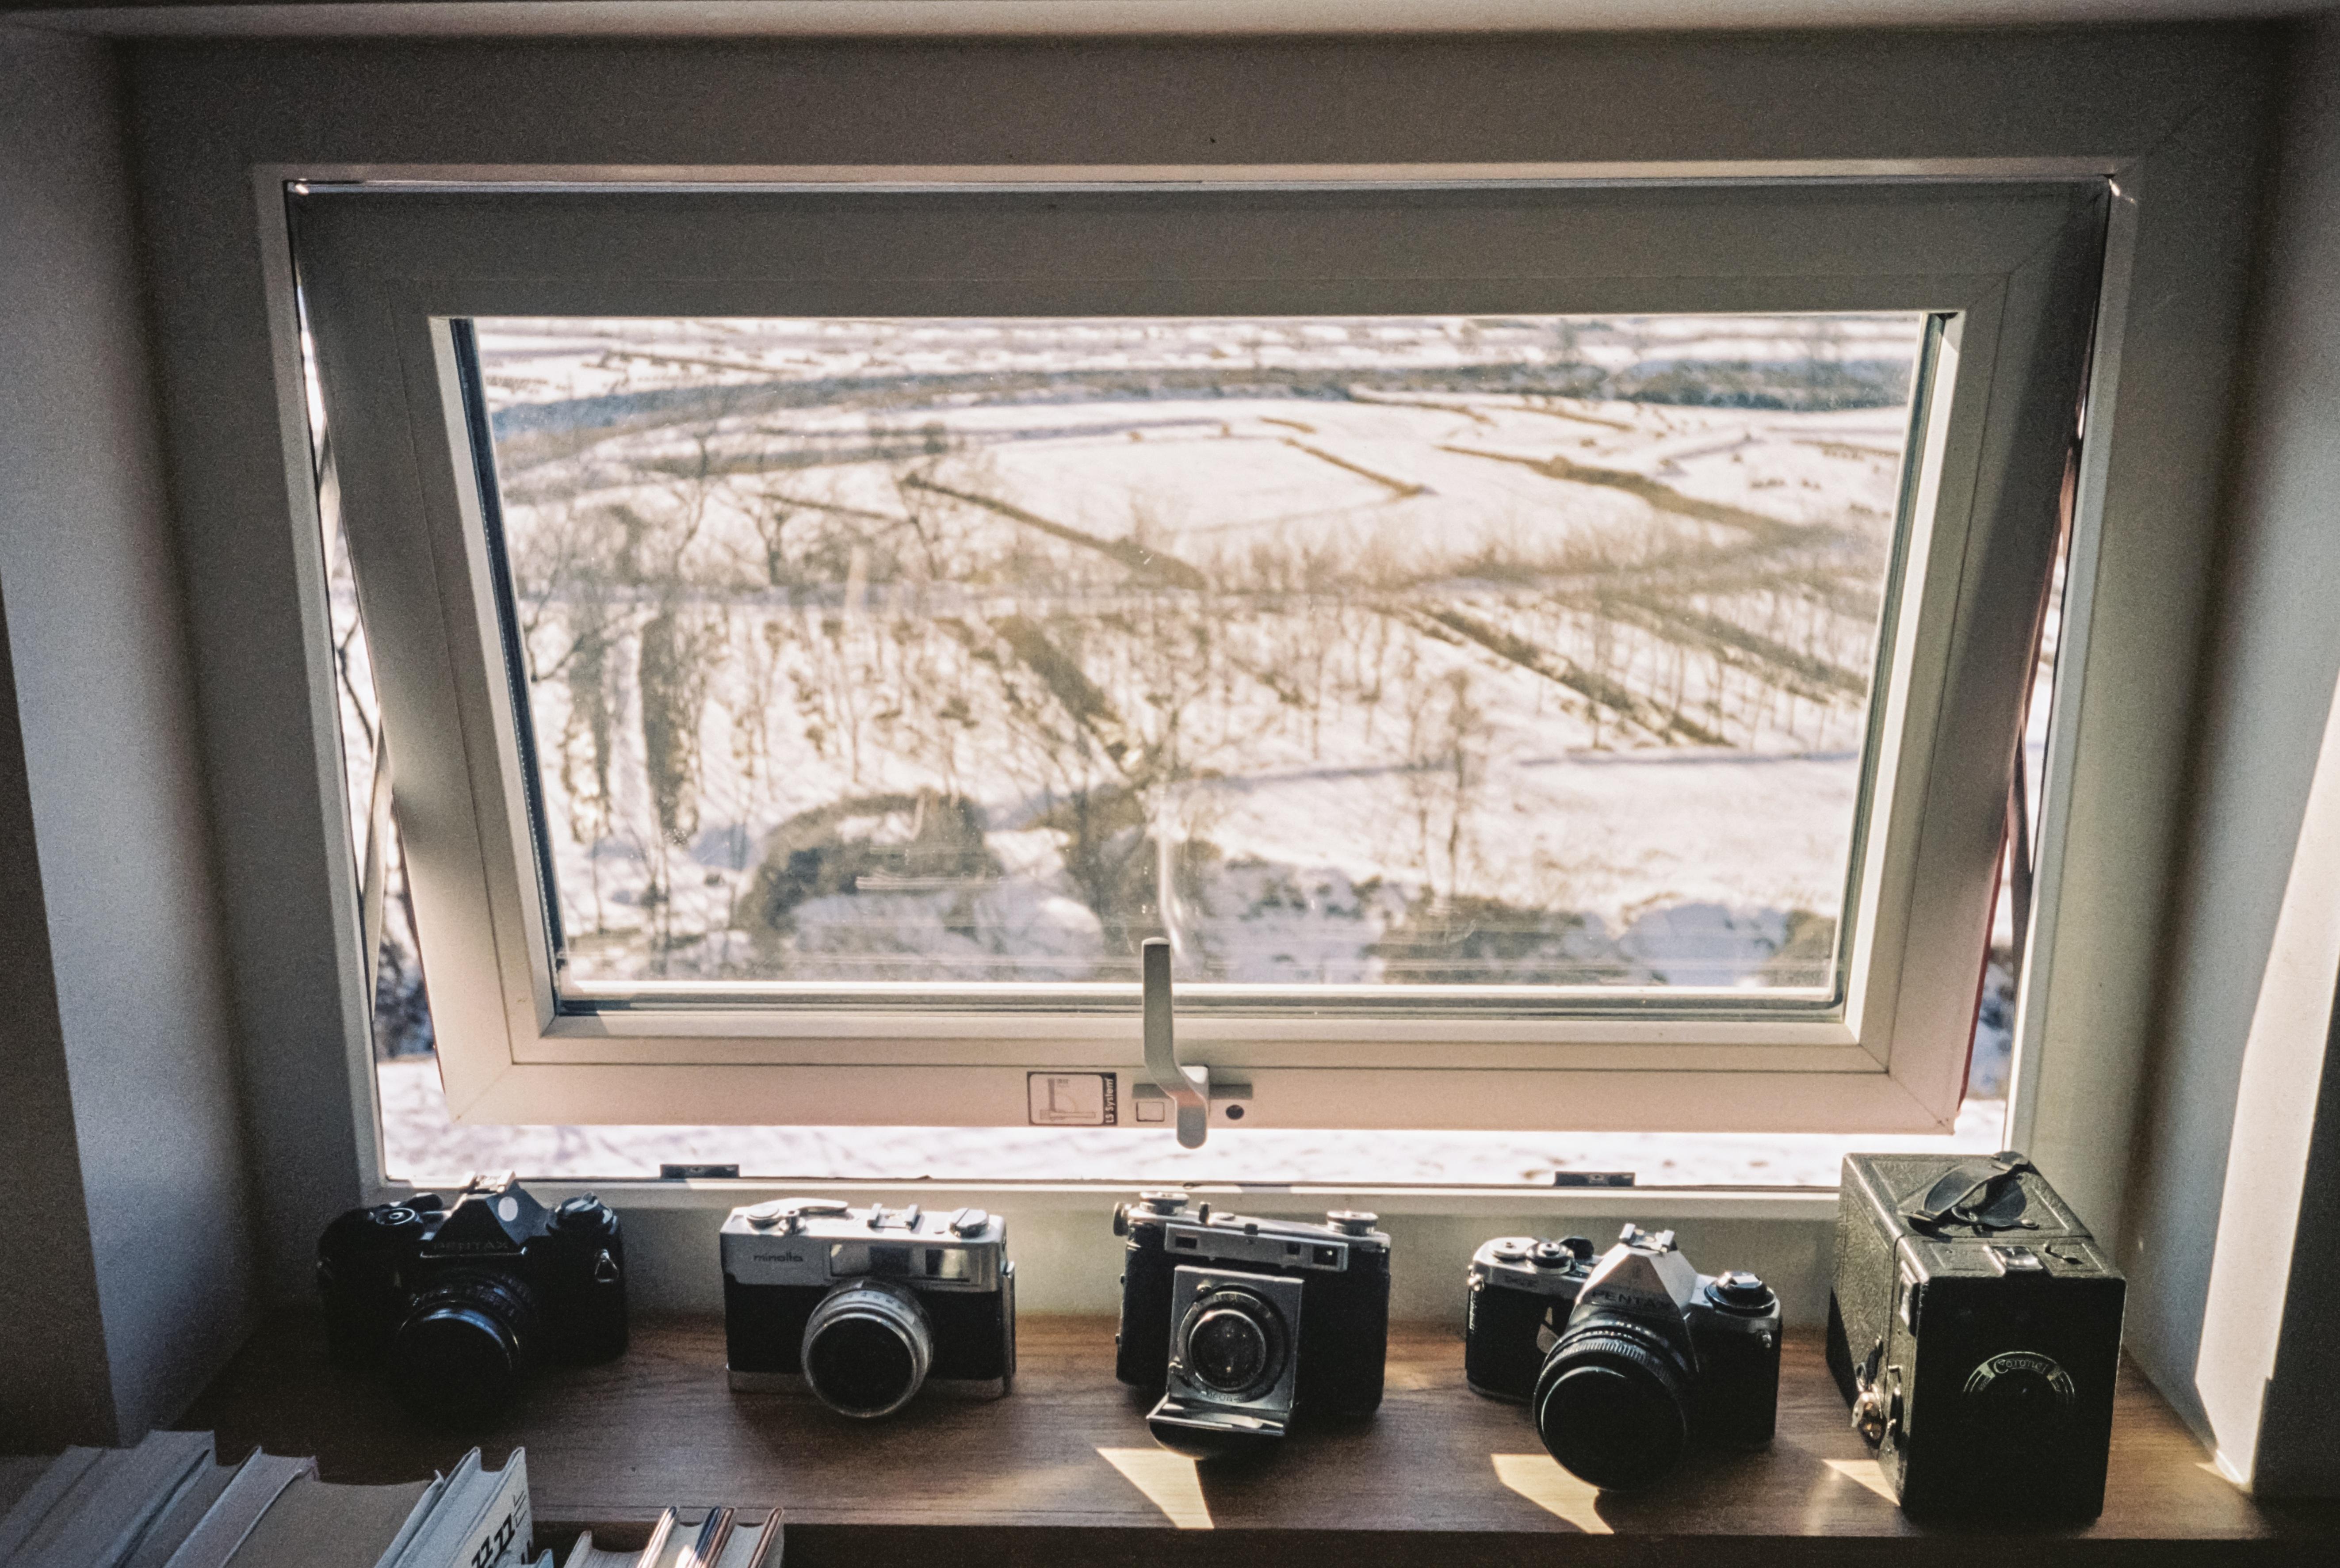 Fotos gratis : invierno, cámara, casa, propiedad, sala, habitación ...